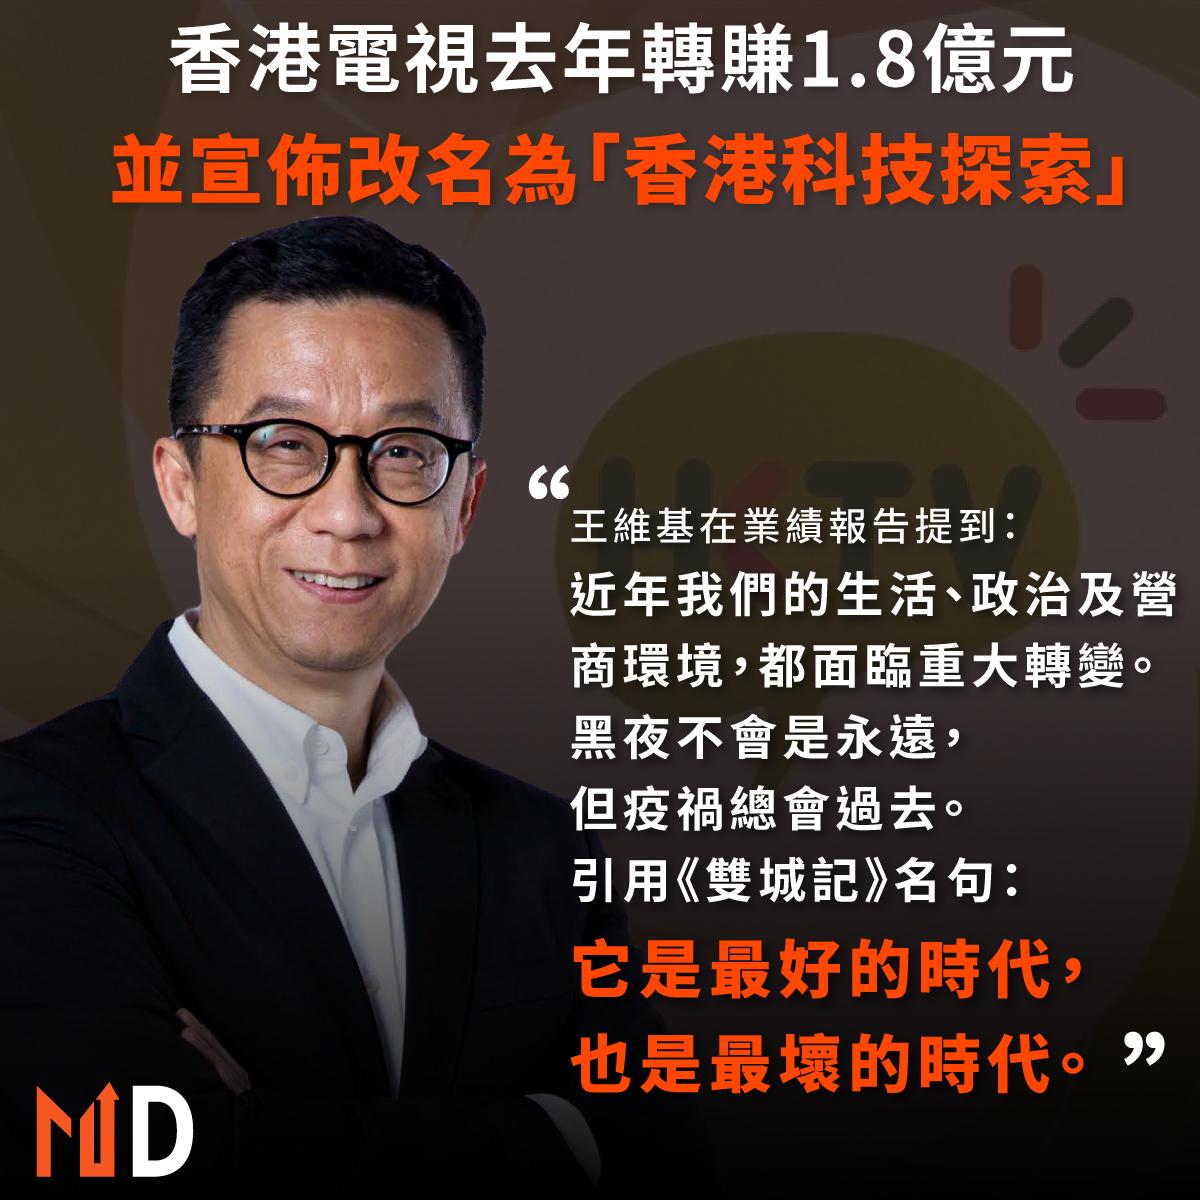 王維基對香港看法